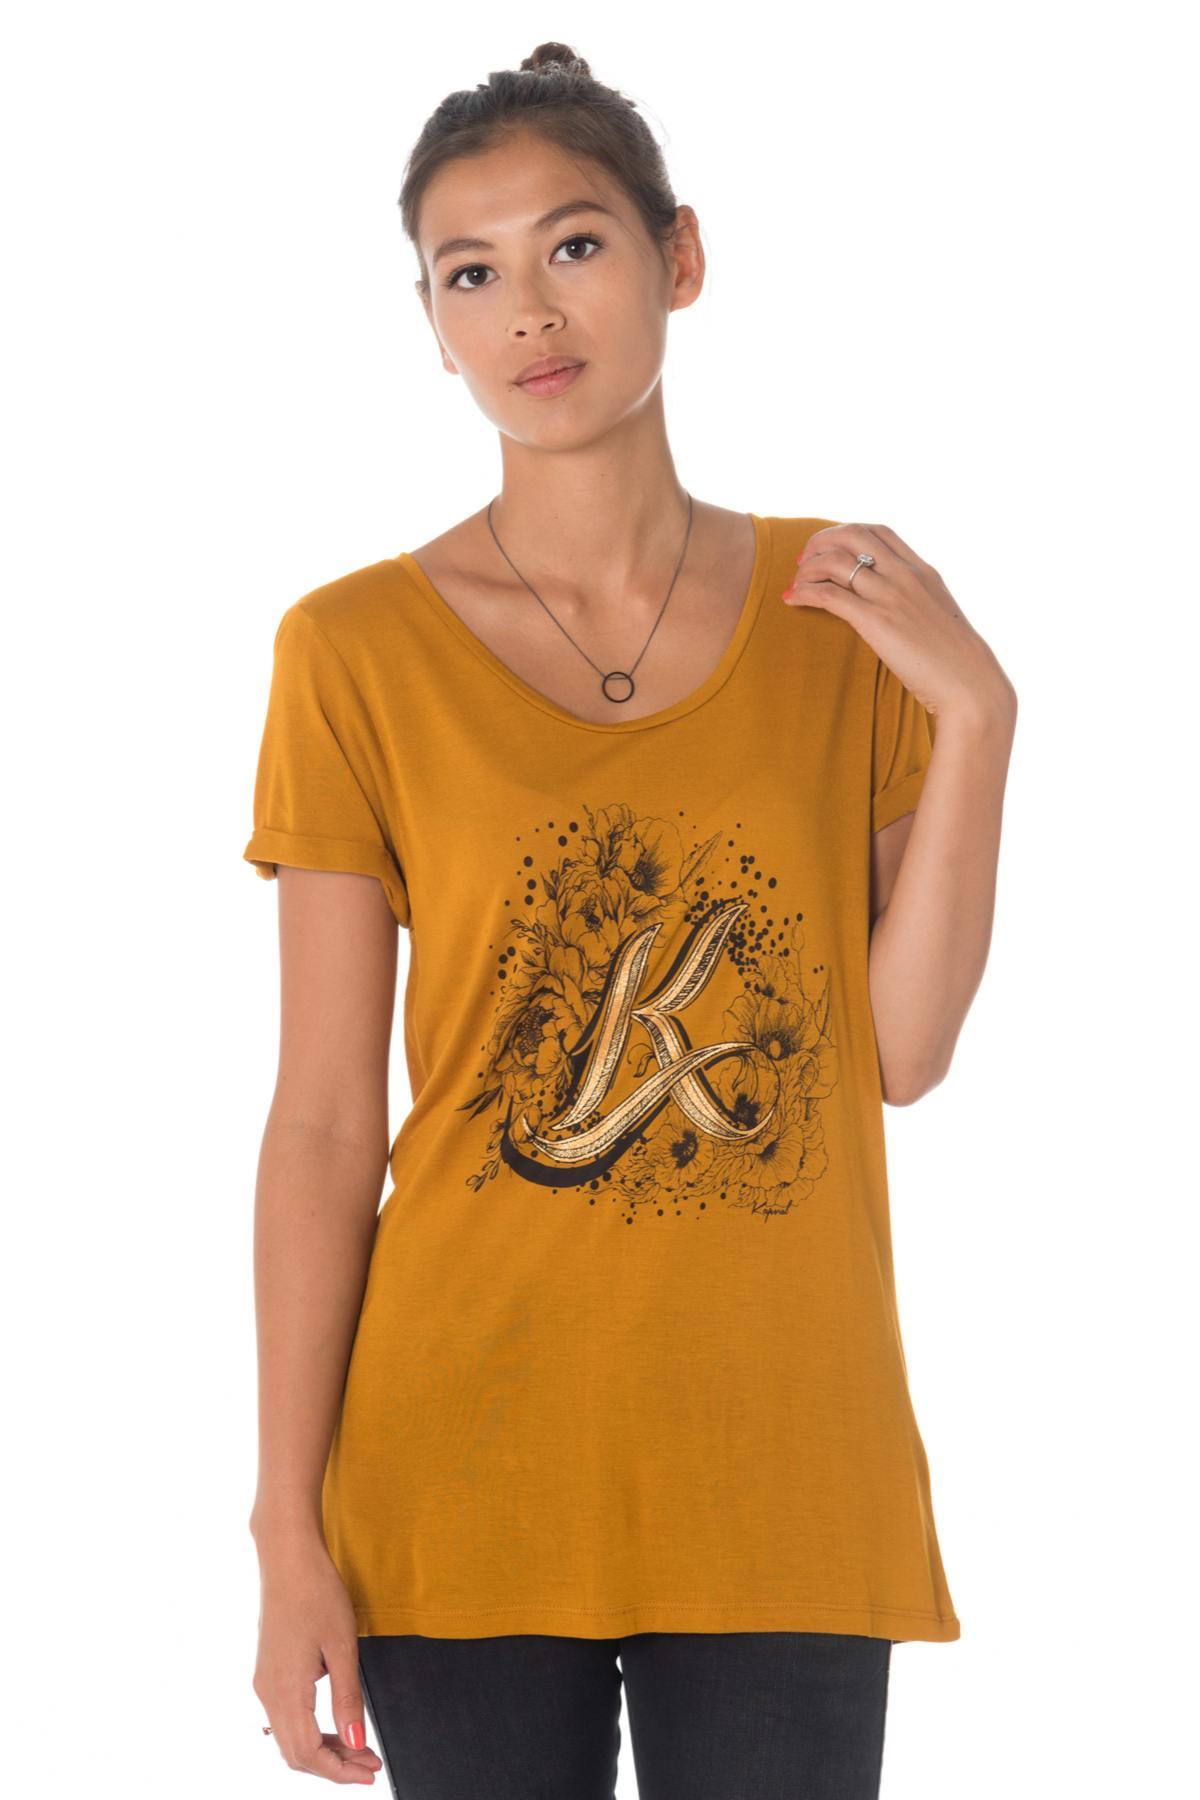 Tee Shirt Femme Kaporal GRAVY MIEL Cuir </p>                 <!--bof Quantity Discounts table -->                                 <!--eof Quantity Discounts table -->                  <!--bof Product URL -->                                 <!--eof Product URL -->             </div>             <div id=